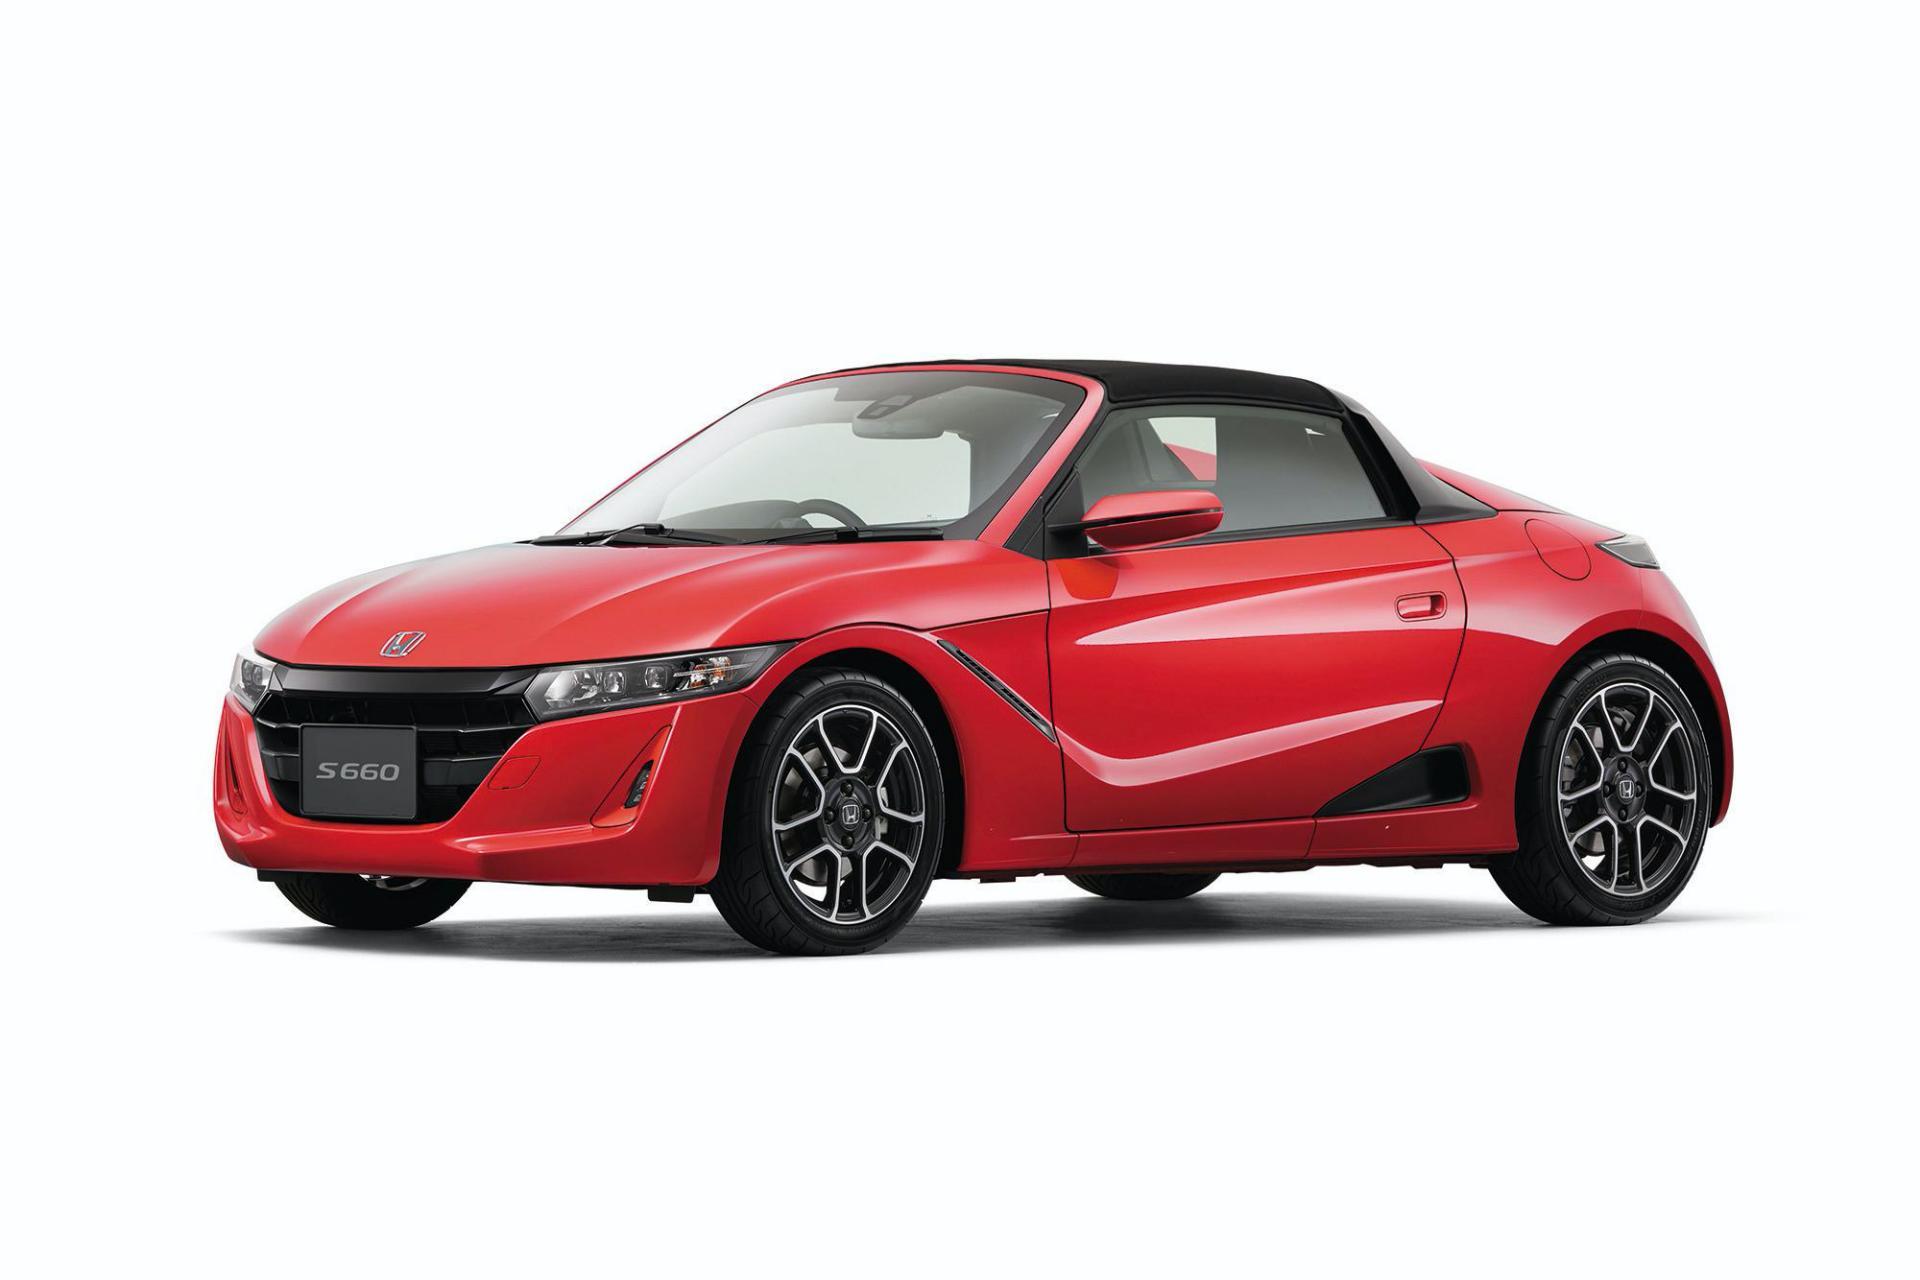 2020_Honda_S660_facelift_0017